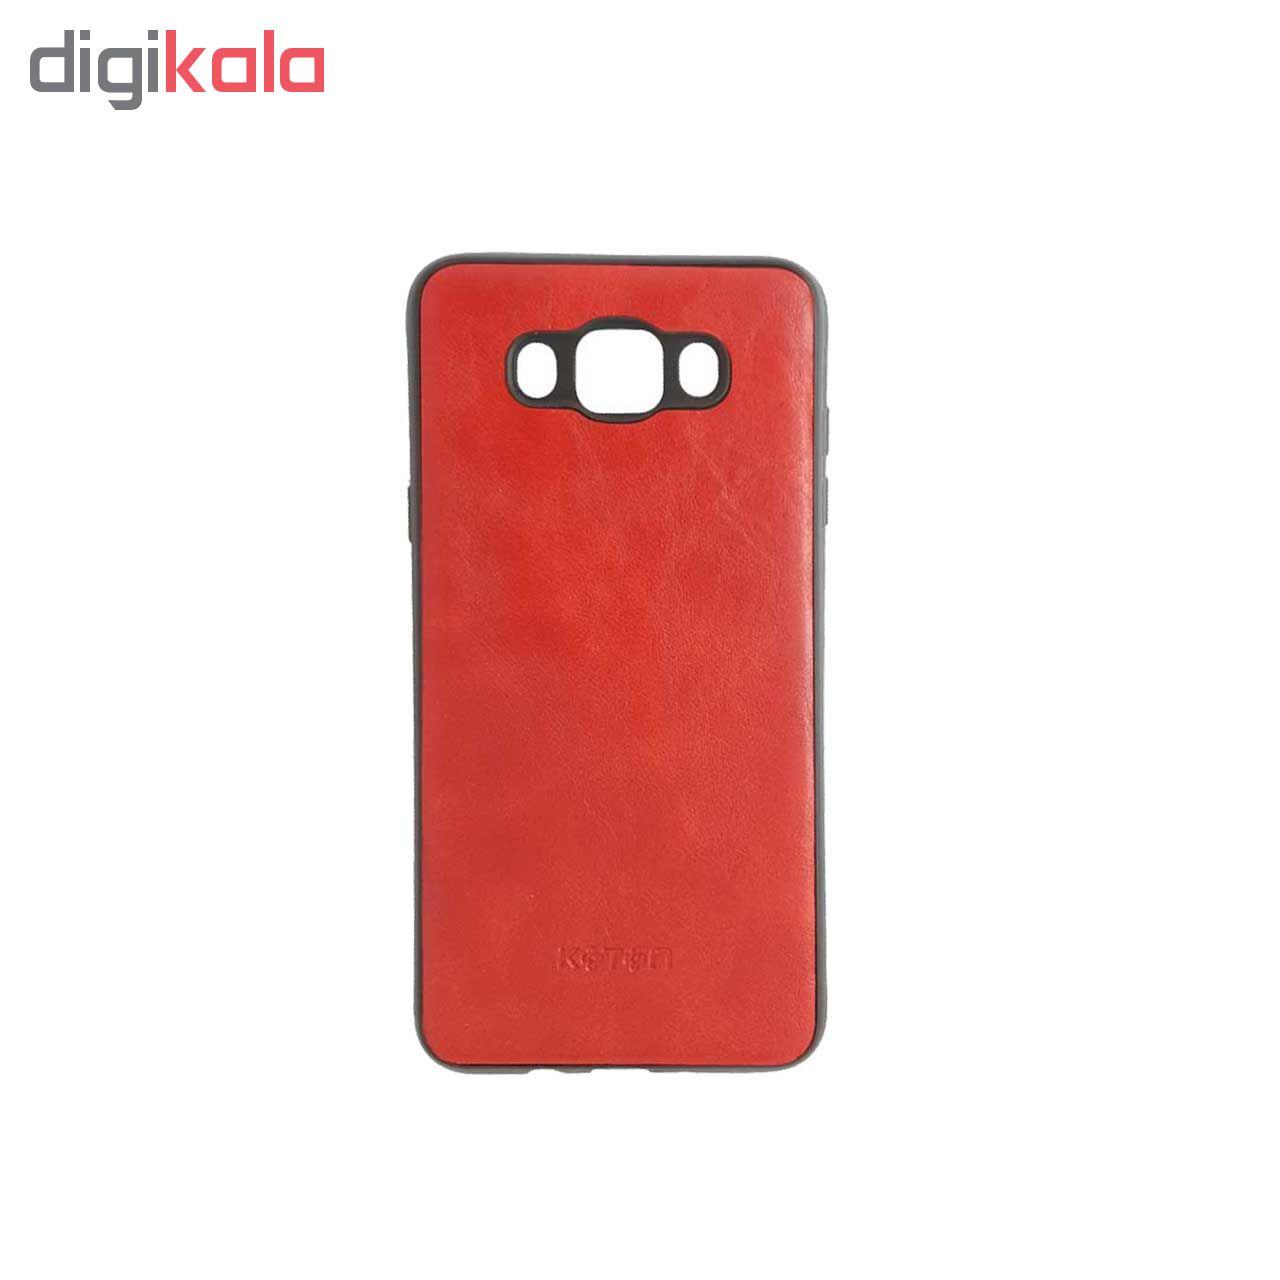 کاور ایبیزا  مدل K-25 مناسب برای گوشی موبایل سامسونگ Galaxy J7 Core main 1 4